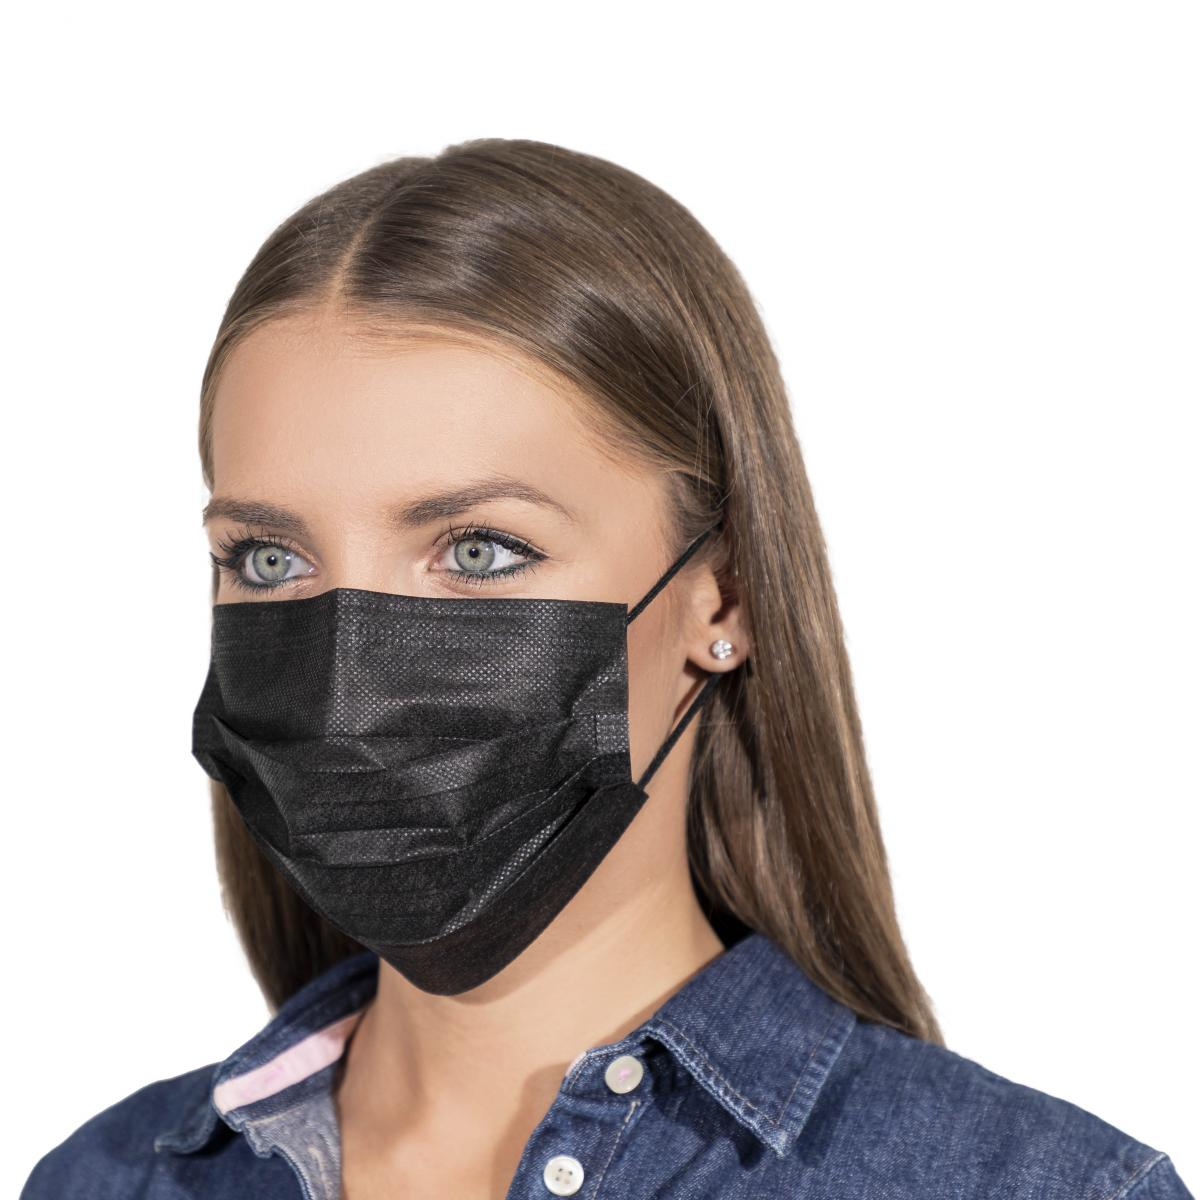 Čierne ochranné rúško na ústa chirurgické certifikované – 1 ks